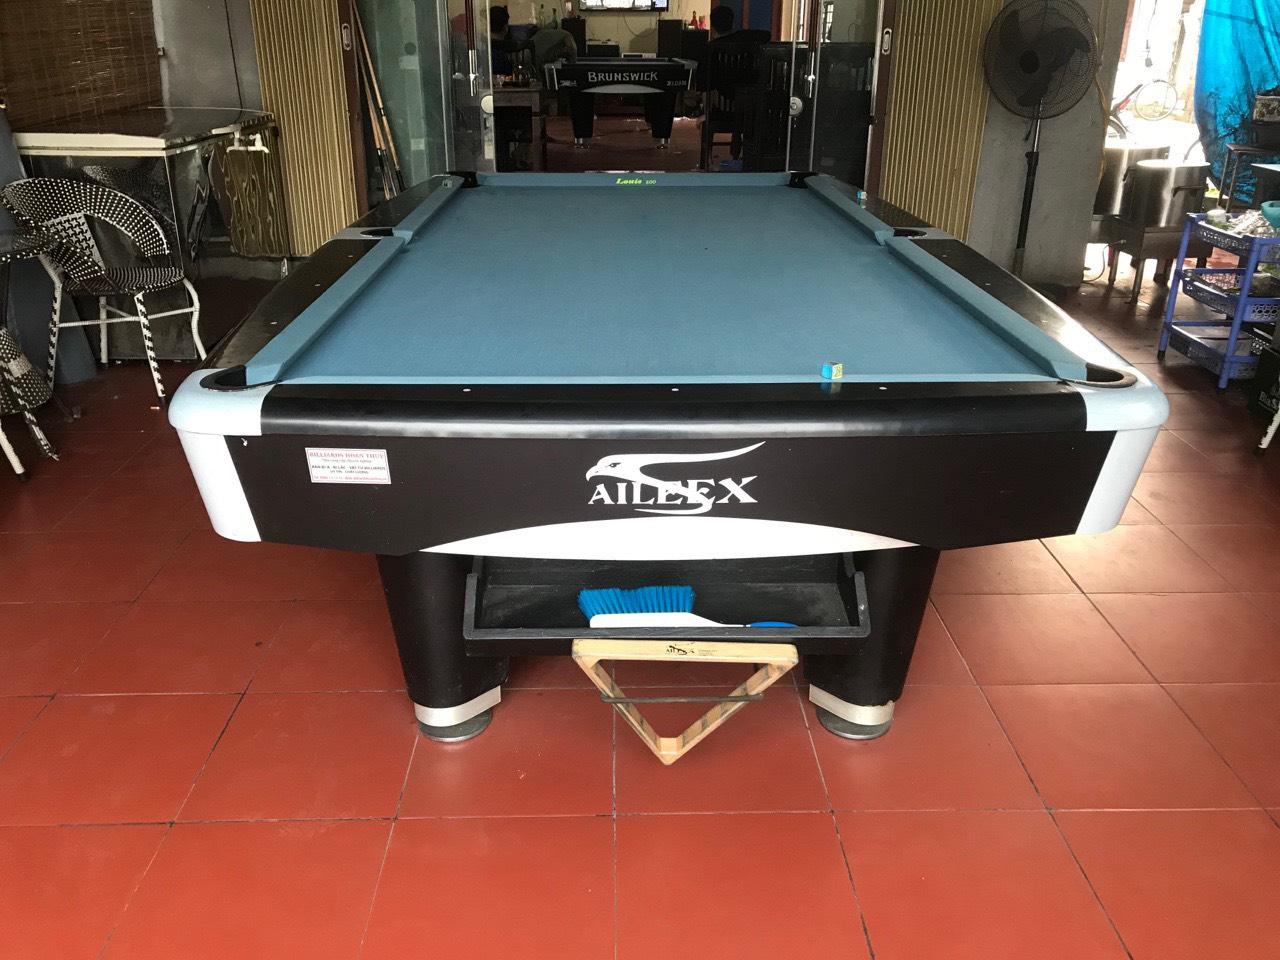 Billiards Hoàn Thúy lắp đặt 2 bàn aileex nhập lướt tại Văn Lâm, Hưng Yên